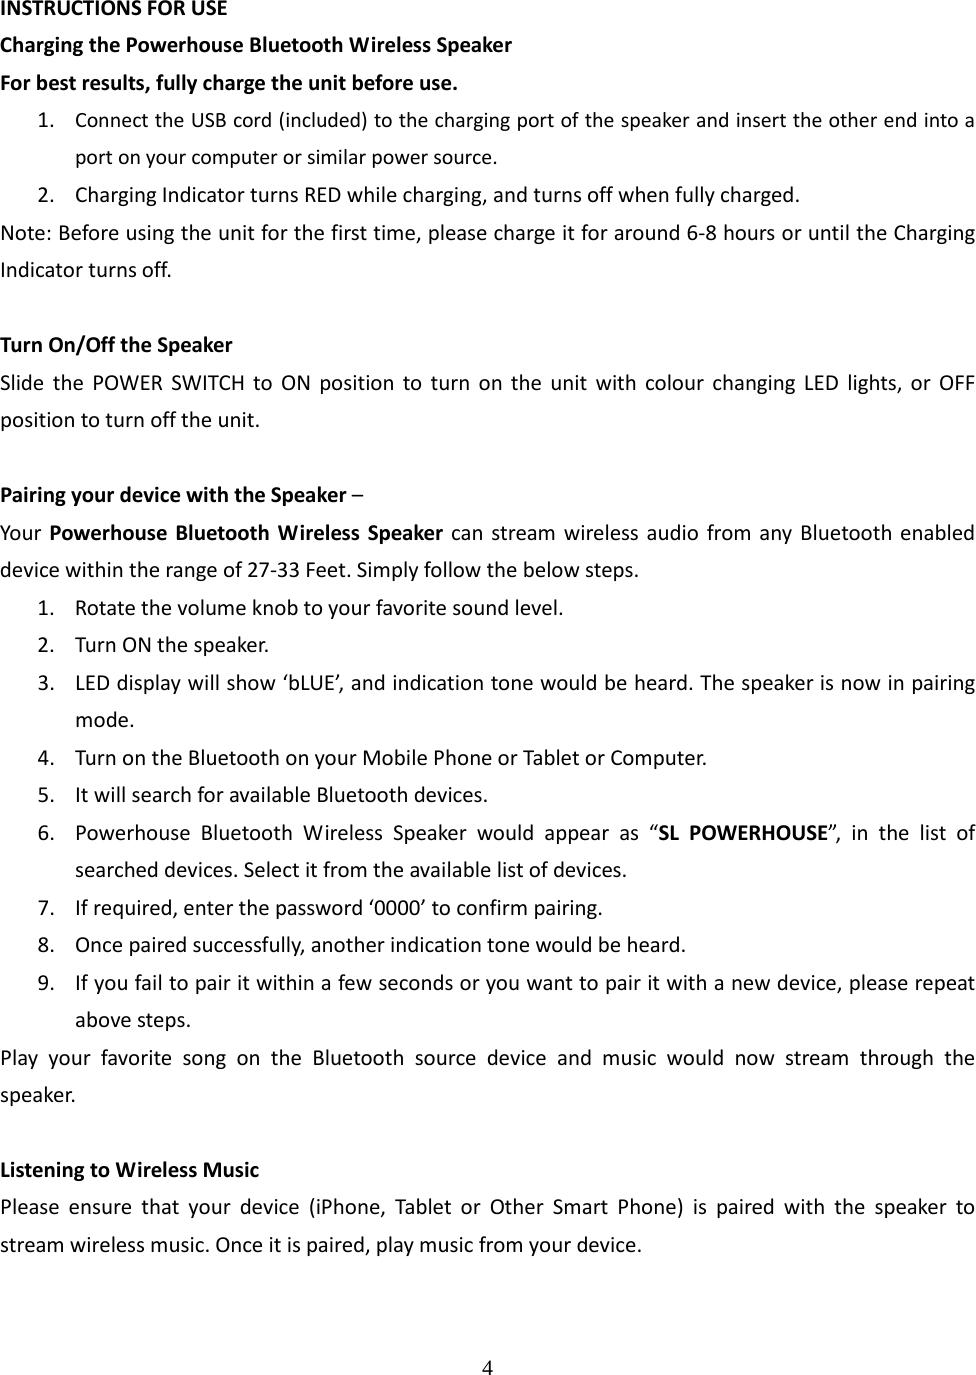 HeYouTai Technology YTK-356 Wireless Speaker User Manual